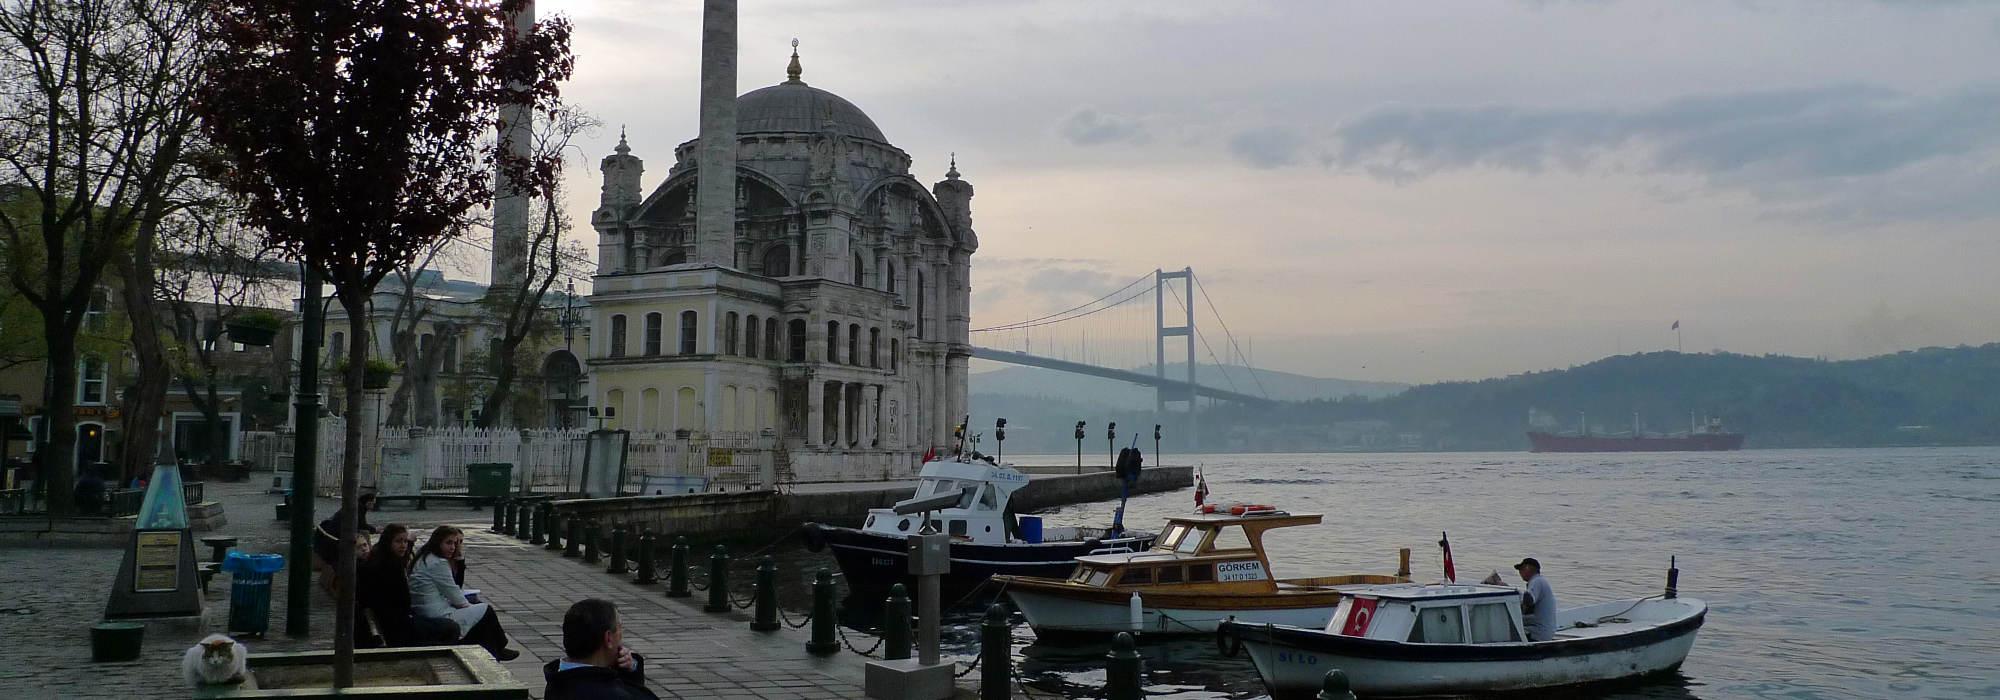 Best Real-Estate Opportunities in Turkey